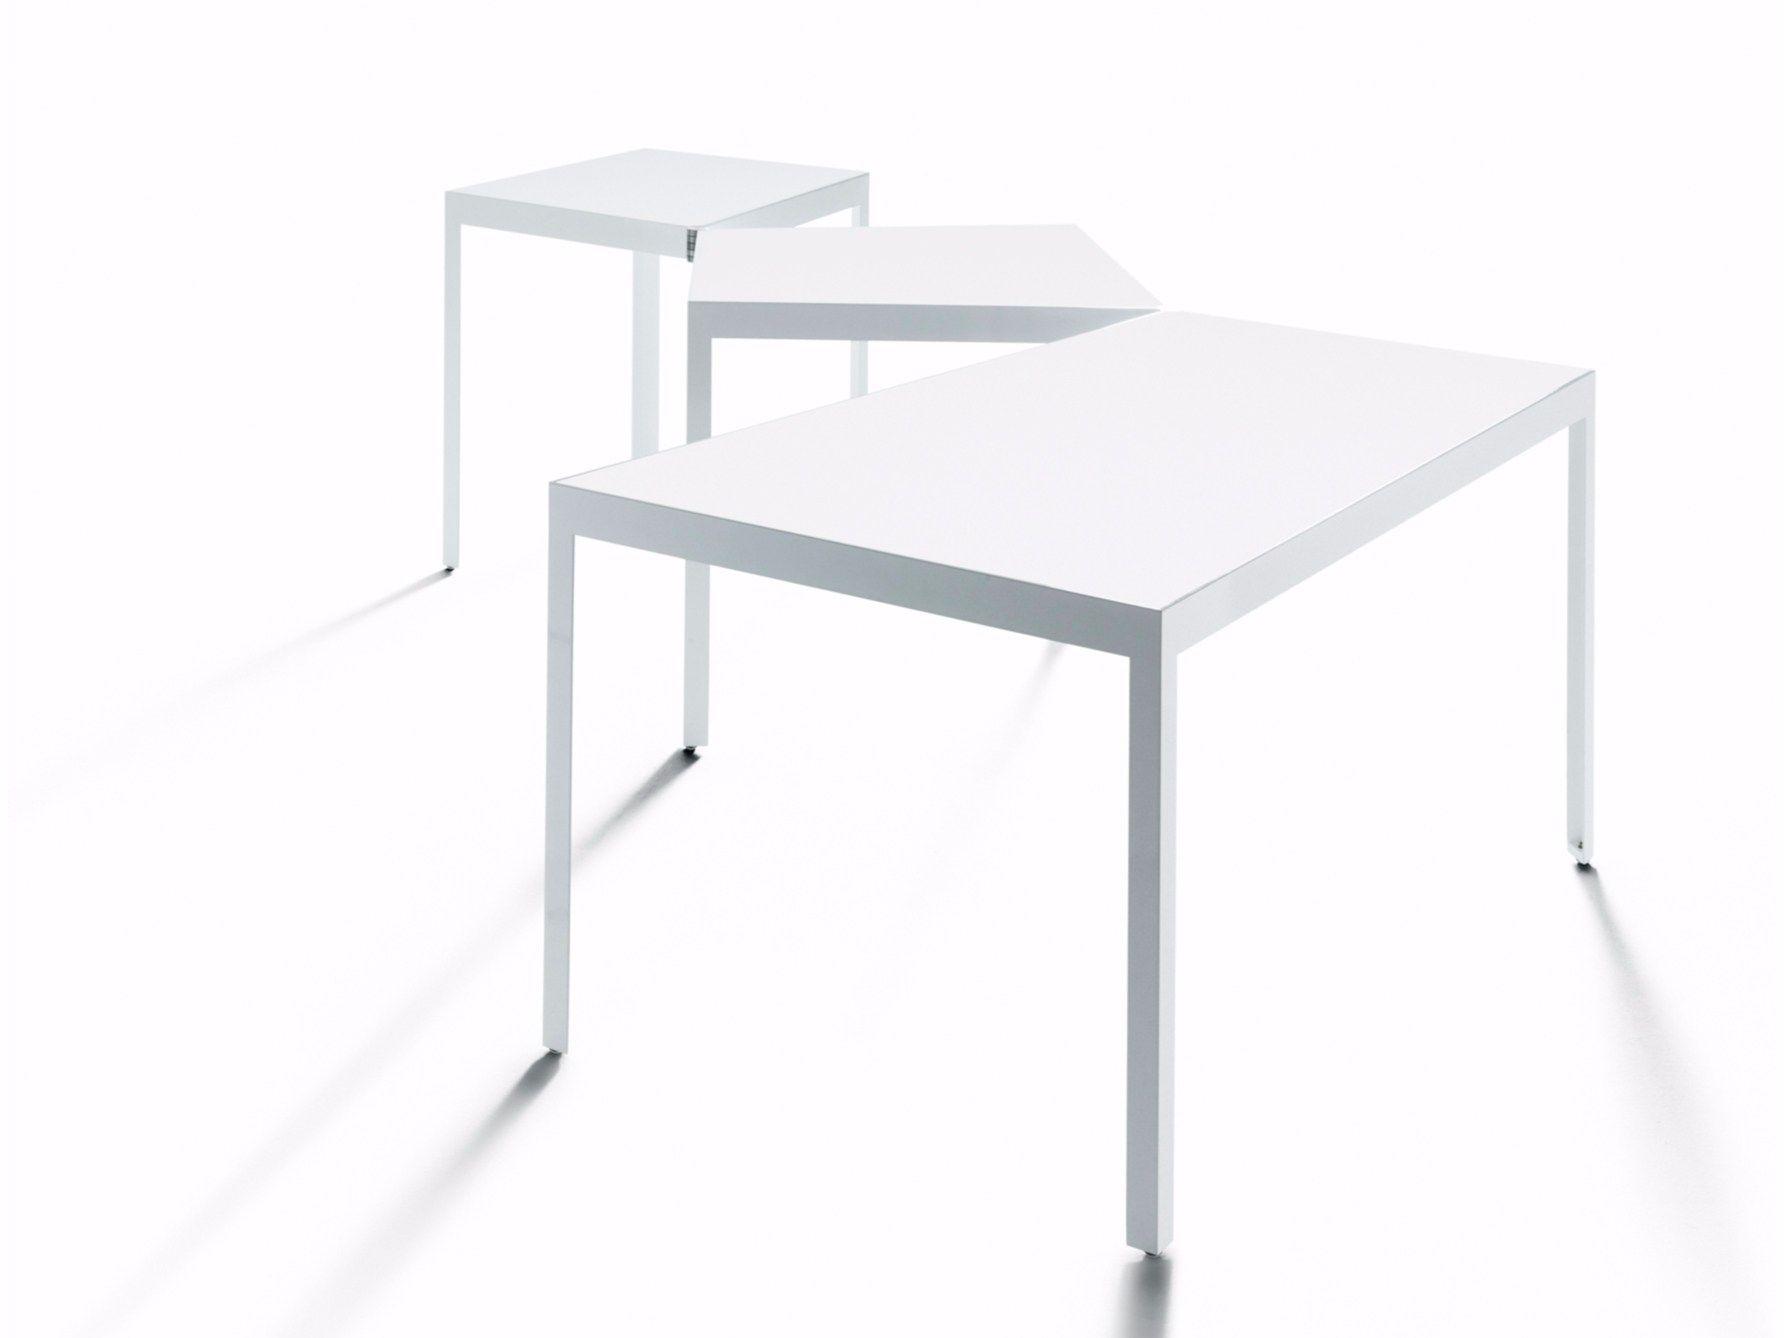 Tavolo a geometria variabile campo d 39 oro by de padova design paolo pallucco mireille rivier - Tavolo de padova quadrato ...